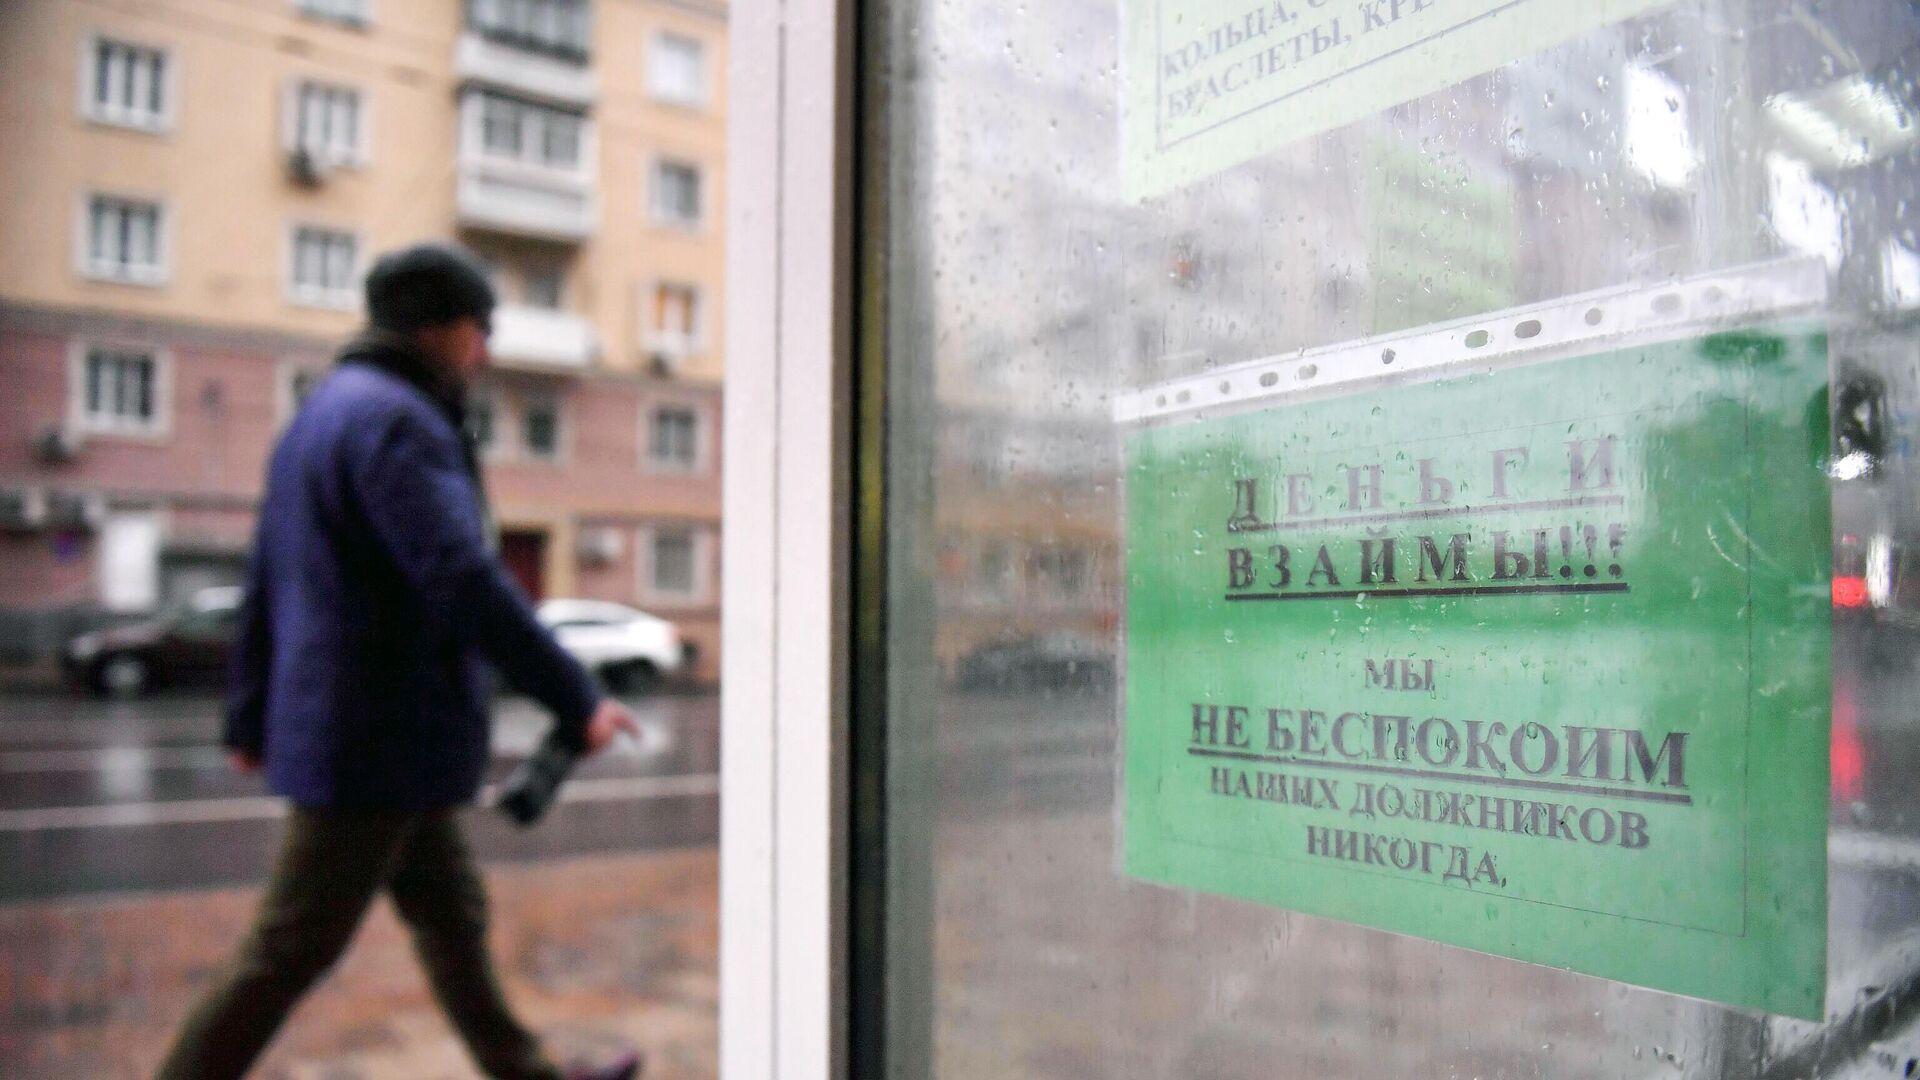 Вывеска о быстрых займах на улице Москвы - РИА Новости, 1920, 07.02.2021